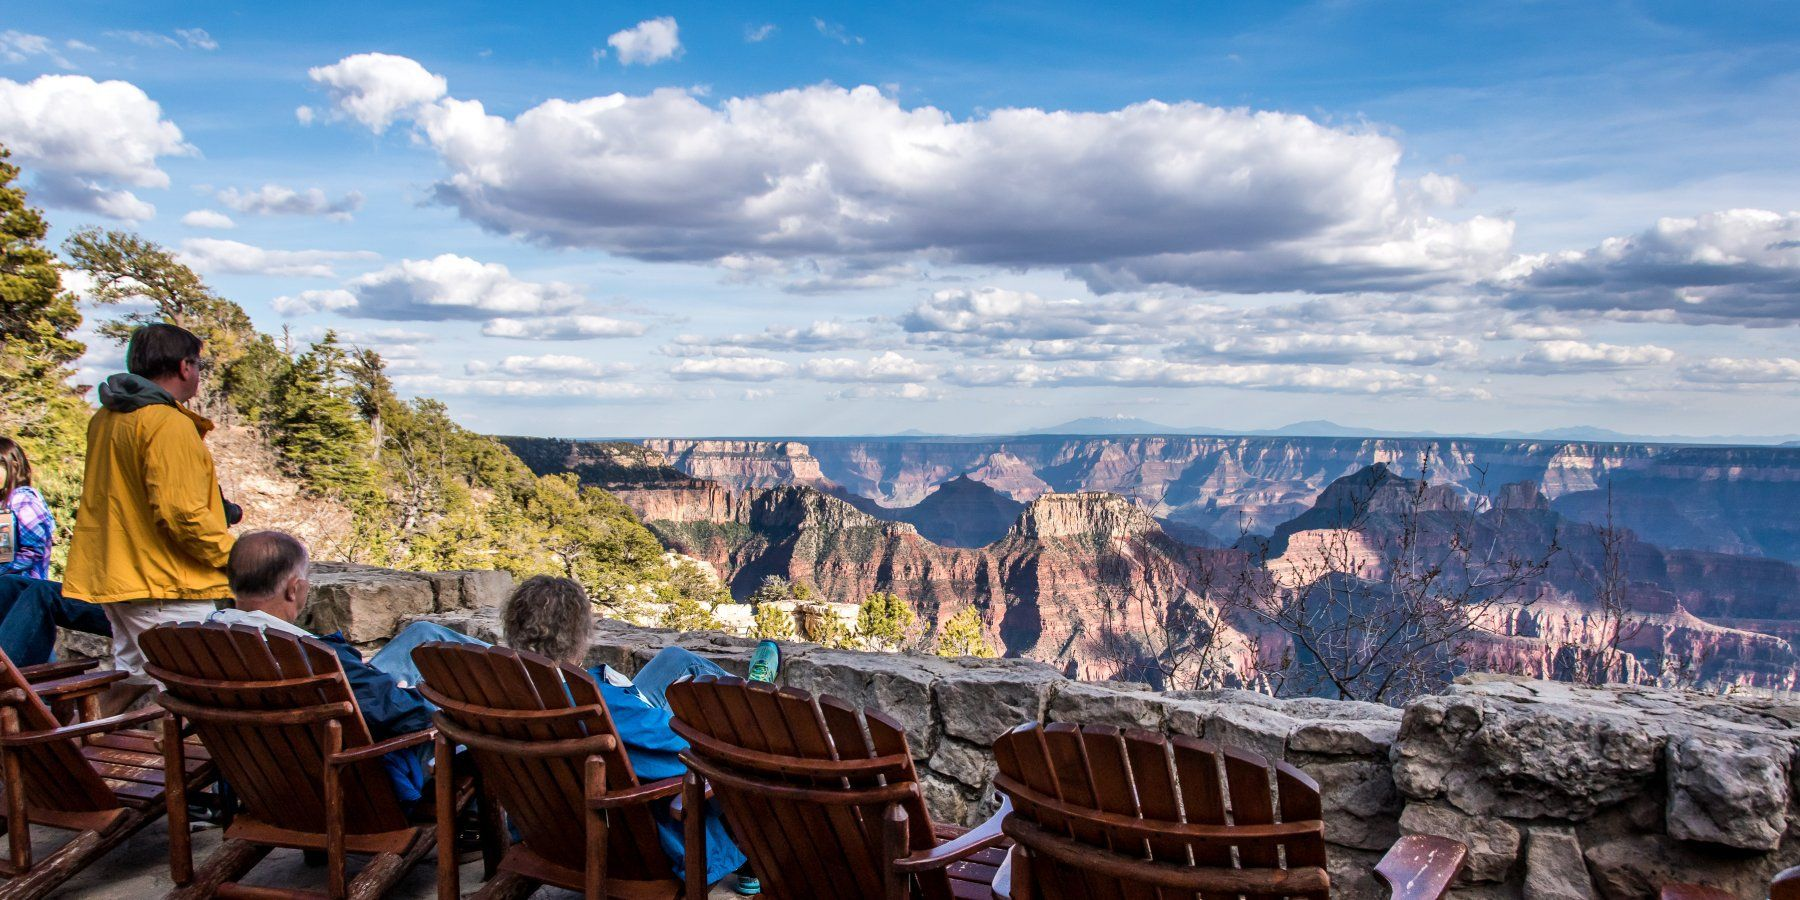 Grand Canyon Lodge North Rim Grand Canyon National Park Lodging In Arizona Grand Canyon Lodging Grand Canyon National Park Lodges